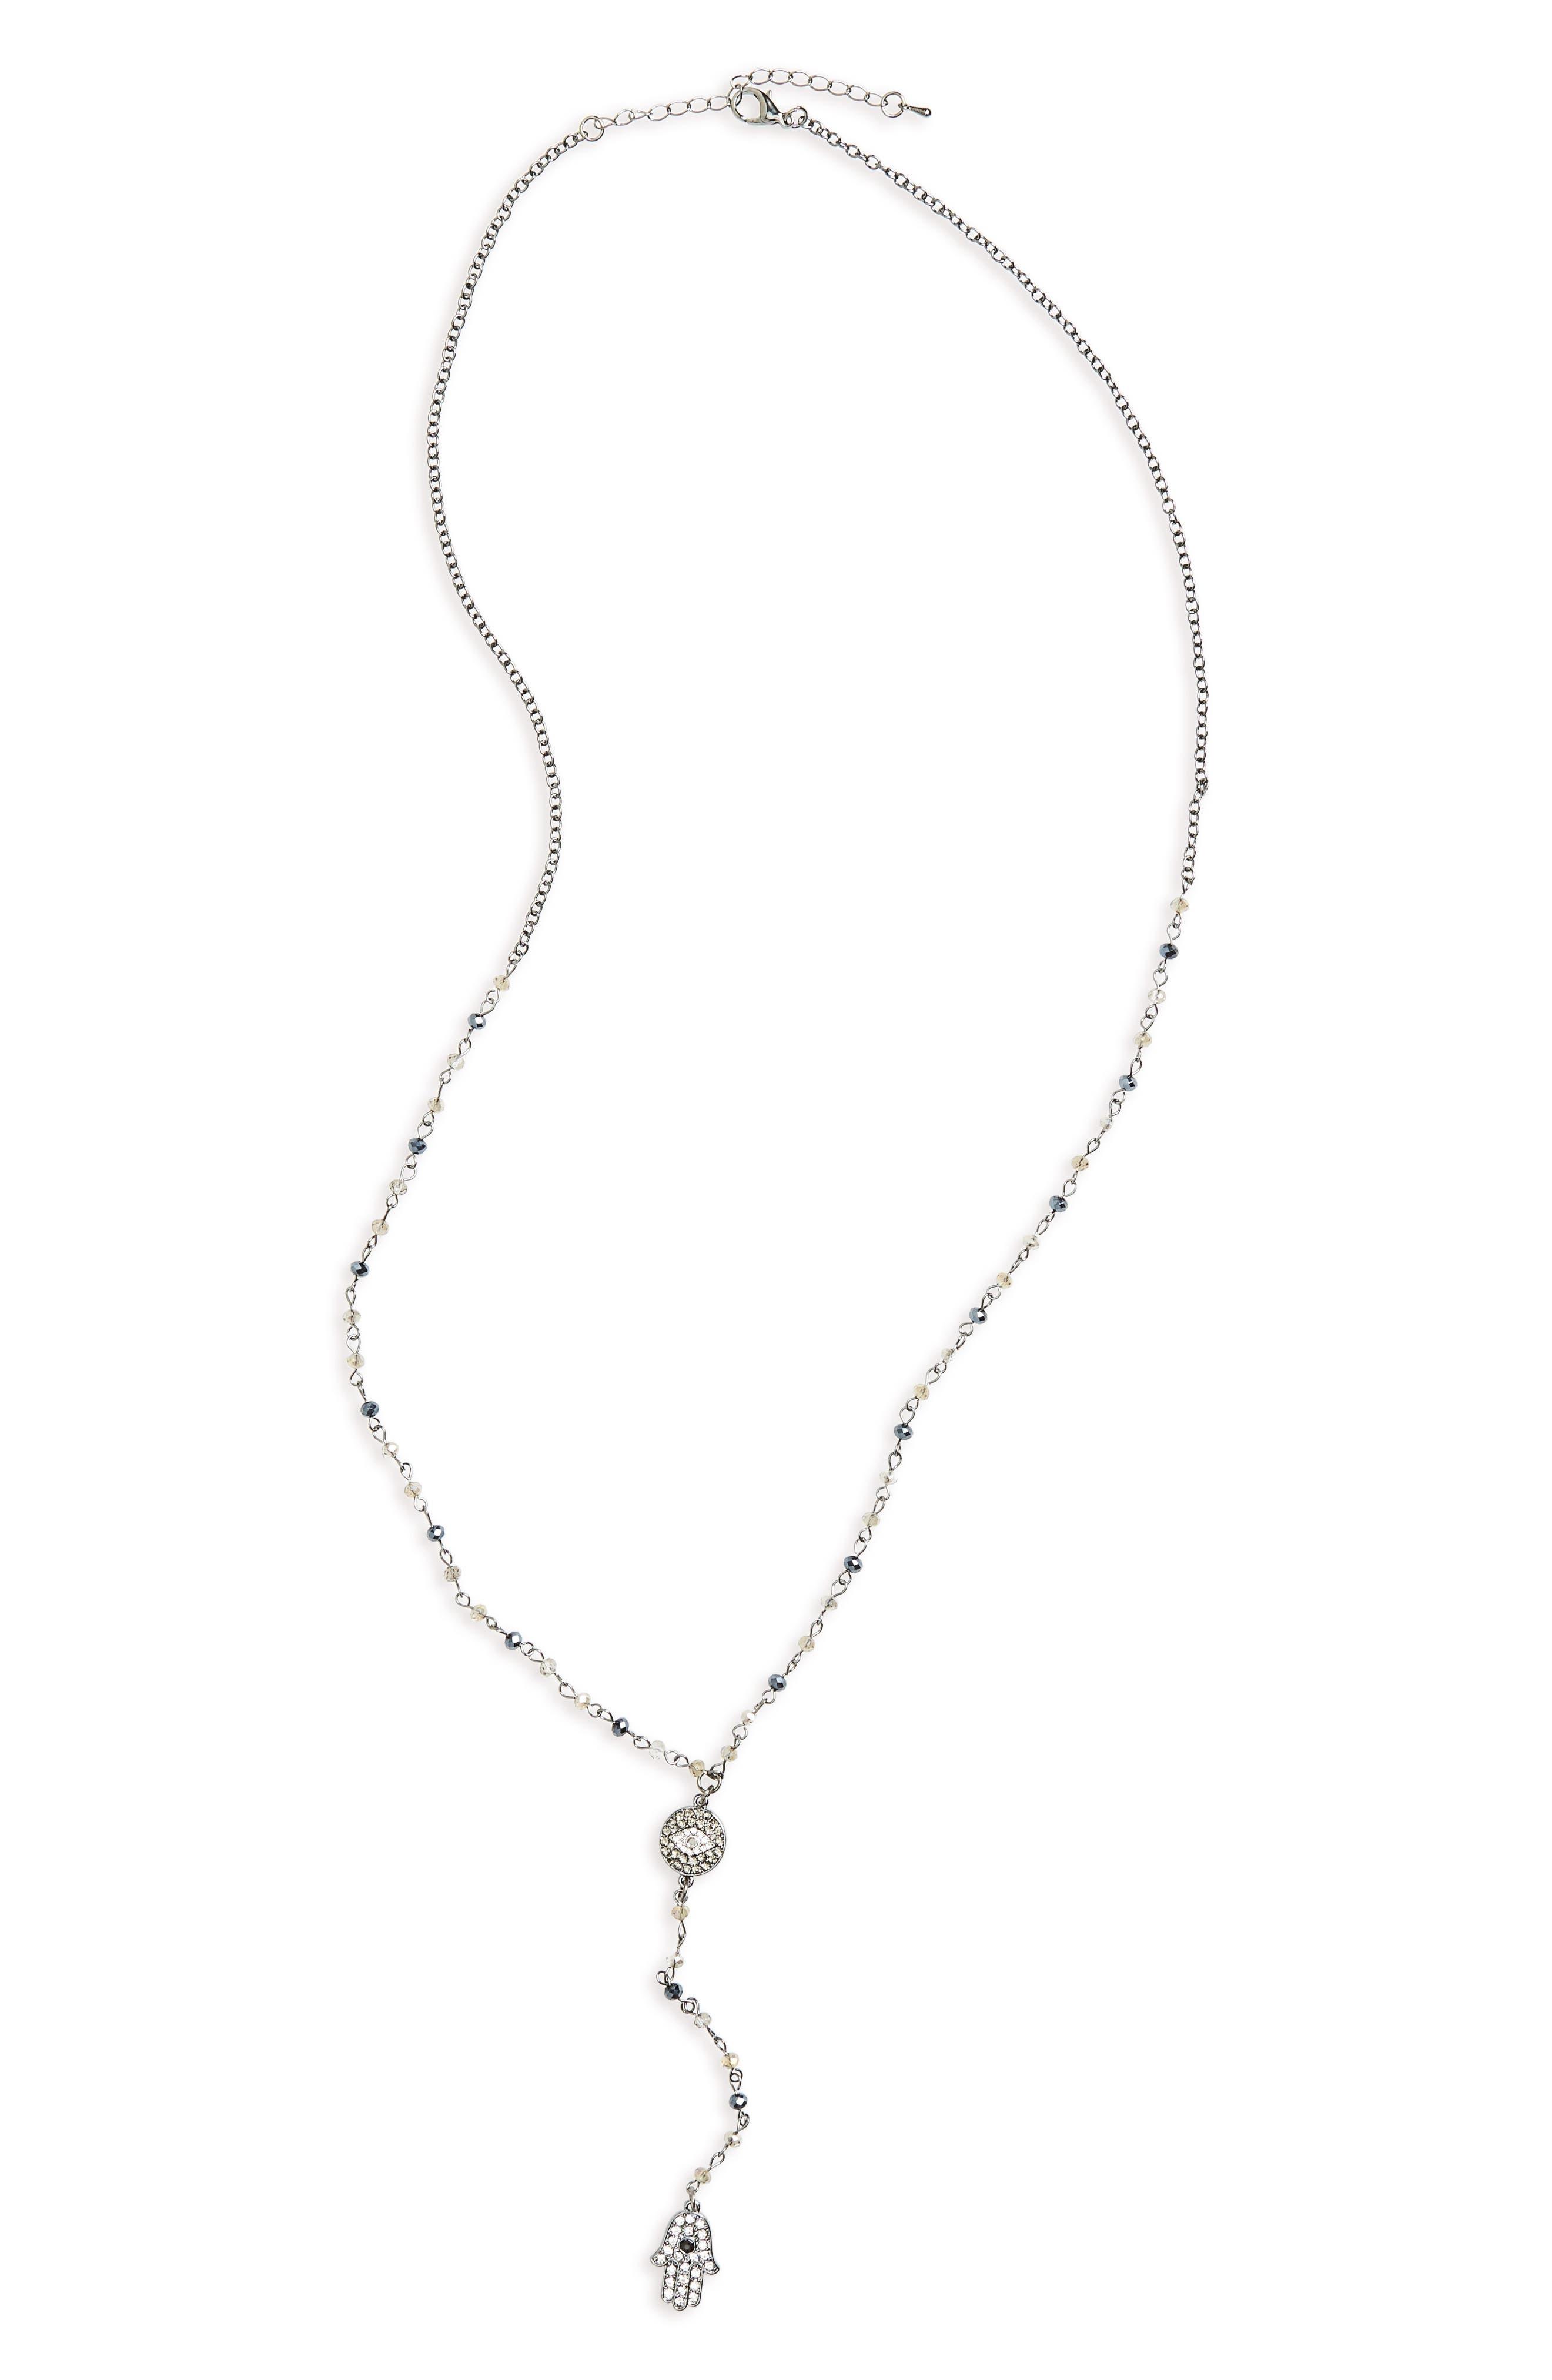 Main Image - Cara Long Y-Necklace